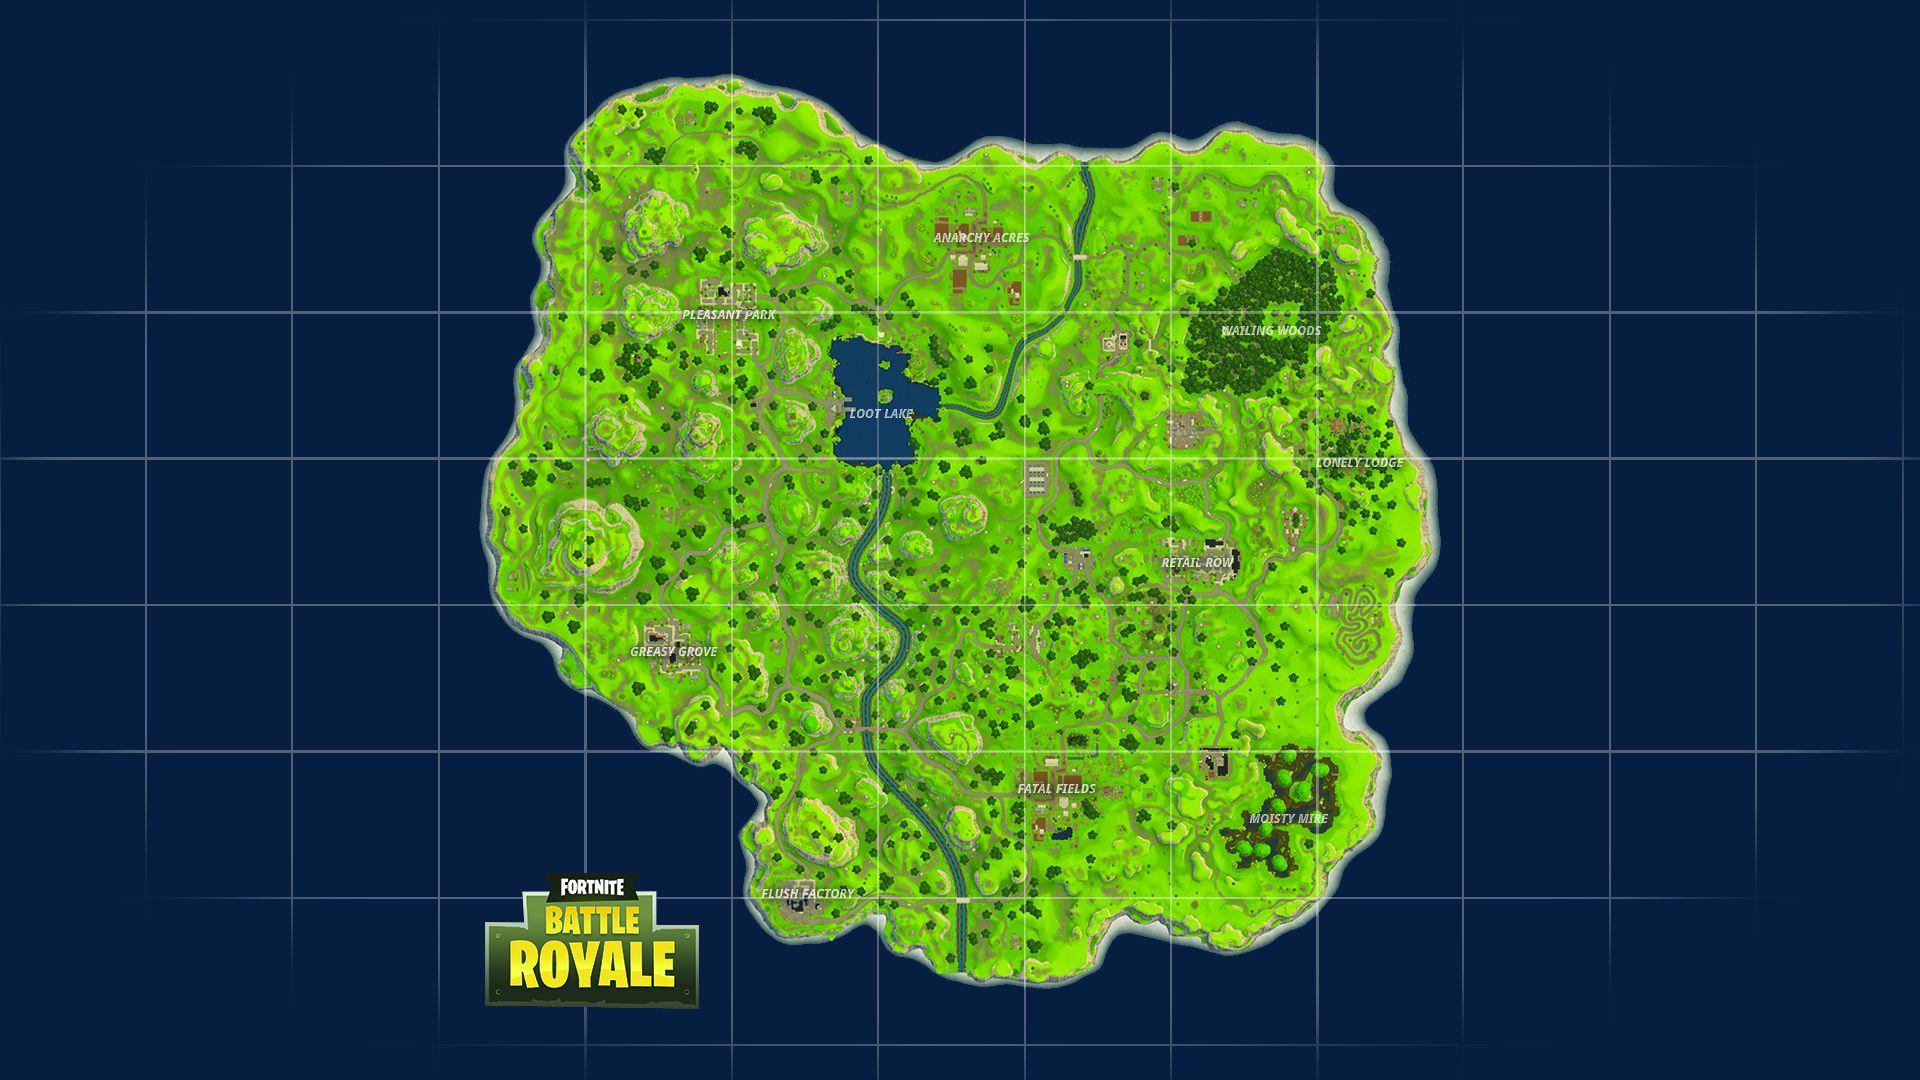 Fortnite Battle Royale Full Map Desktop Background Wallpaper For